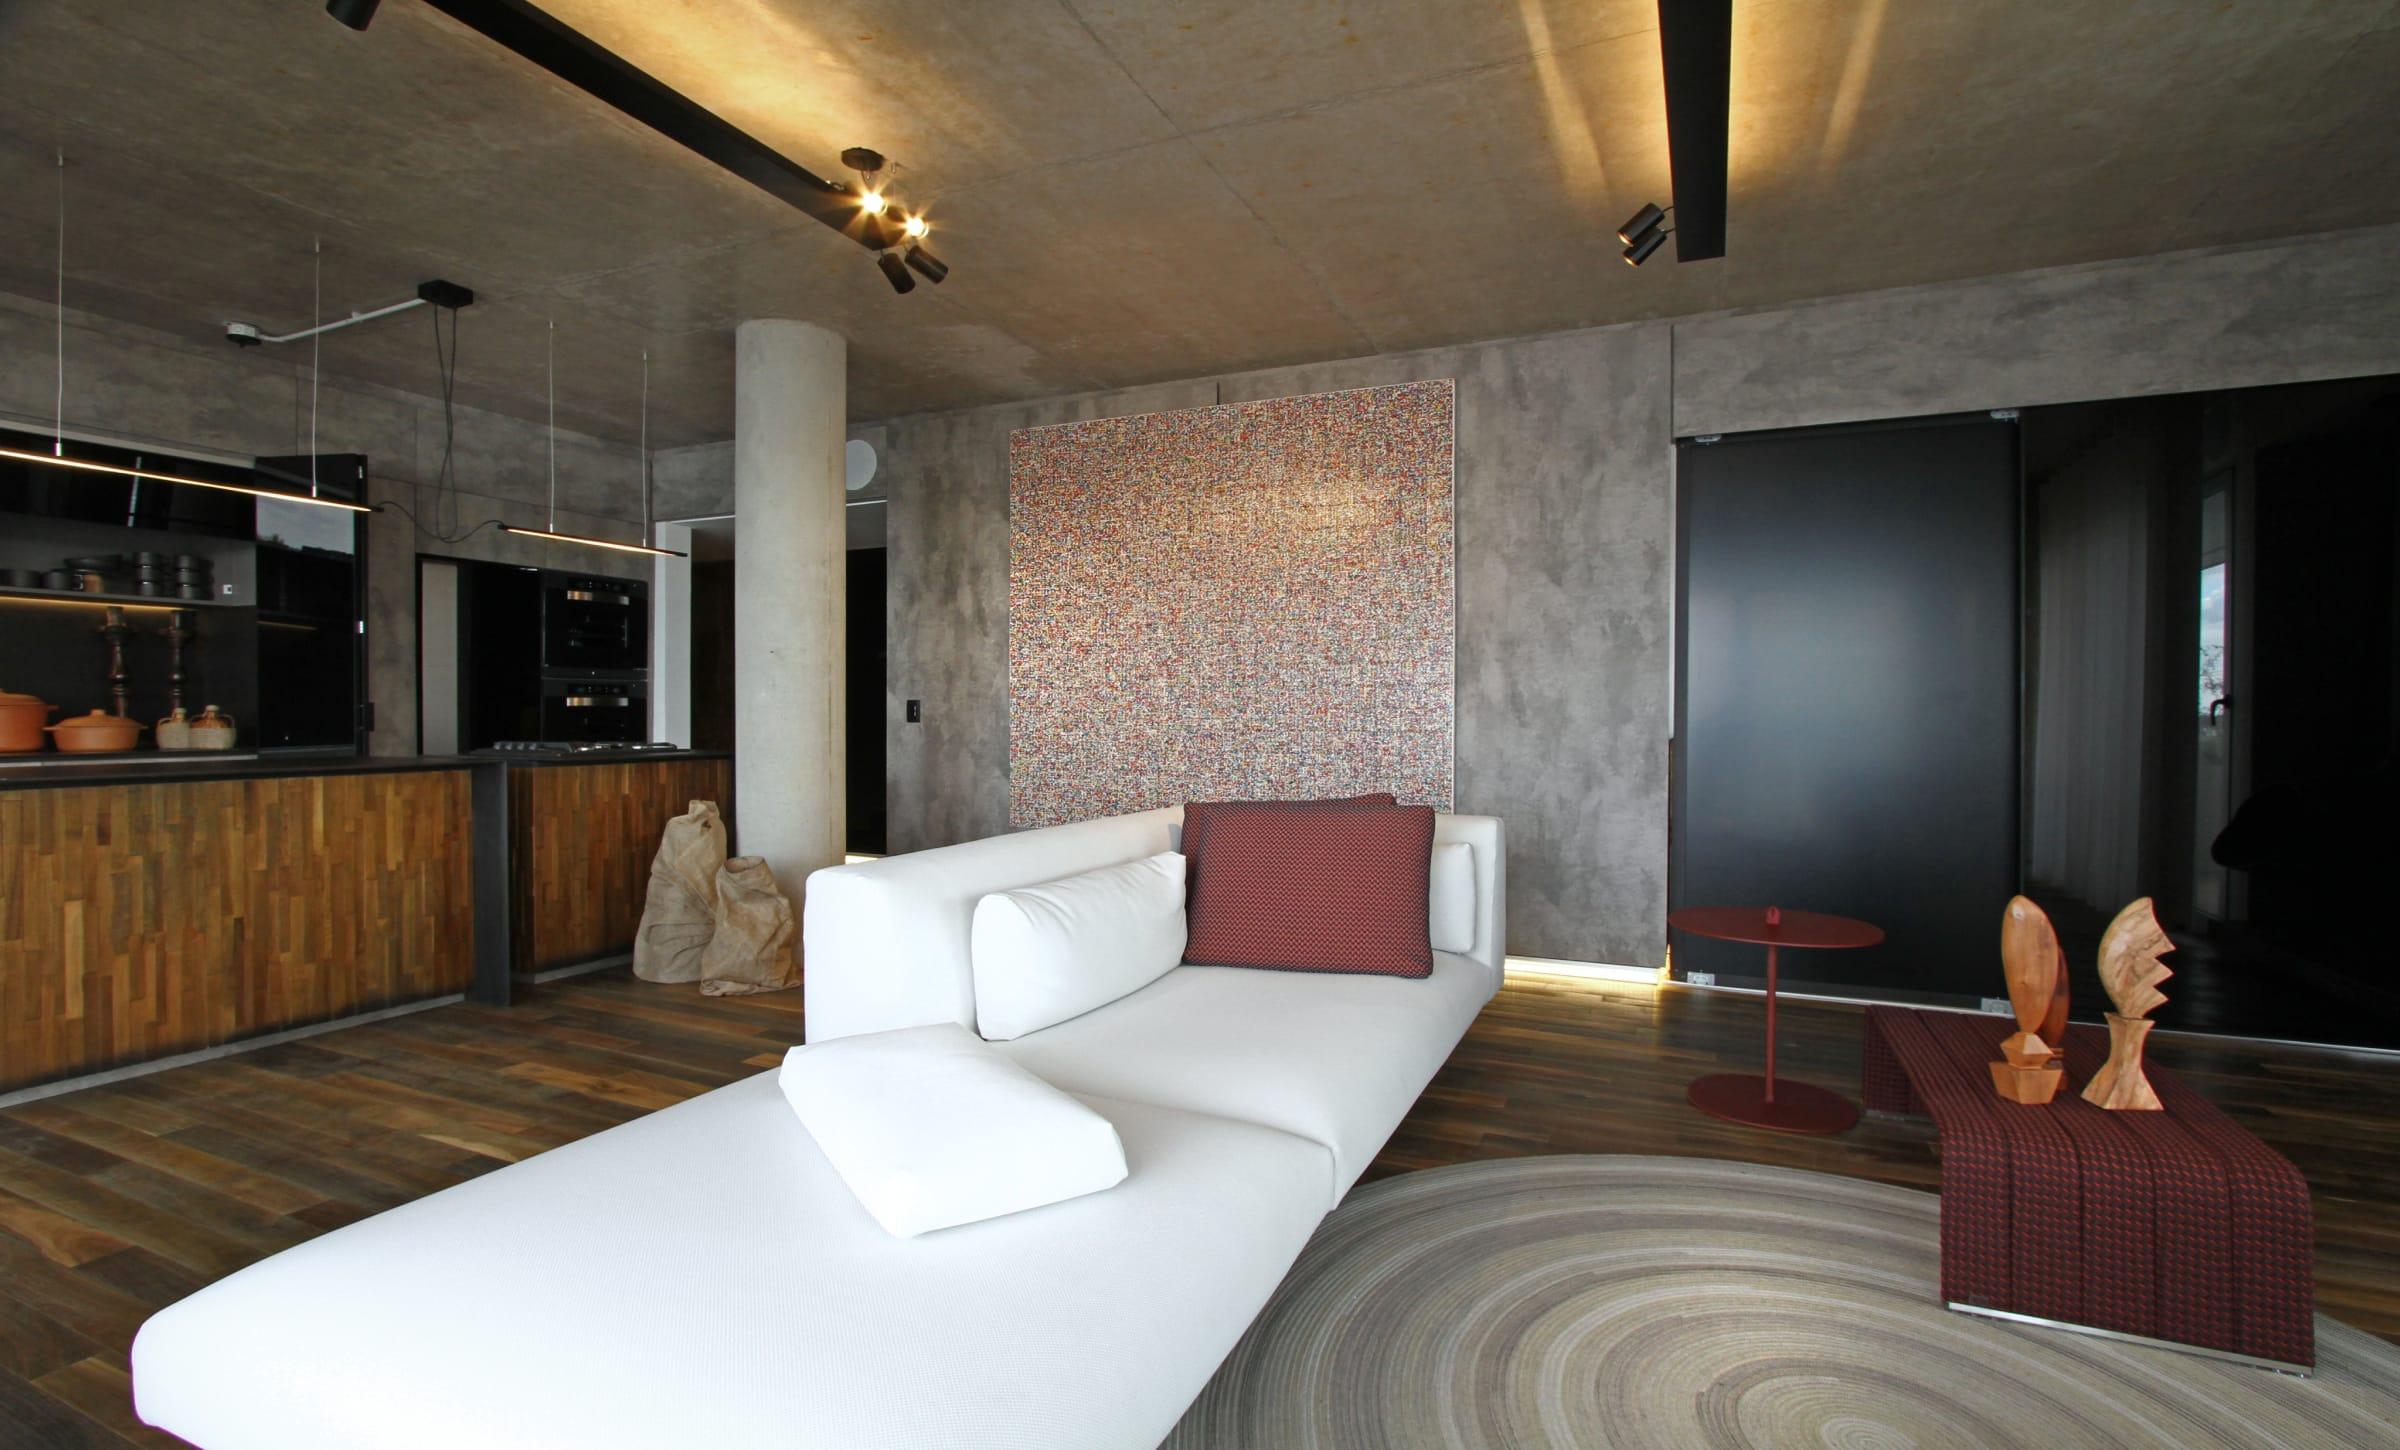 Los muebles son modulares y tienen fundas que se pueden cambiar para renovar su aspecto (Paola Lenti).